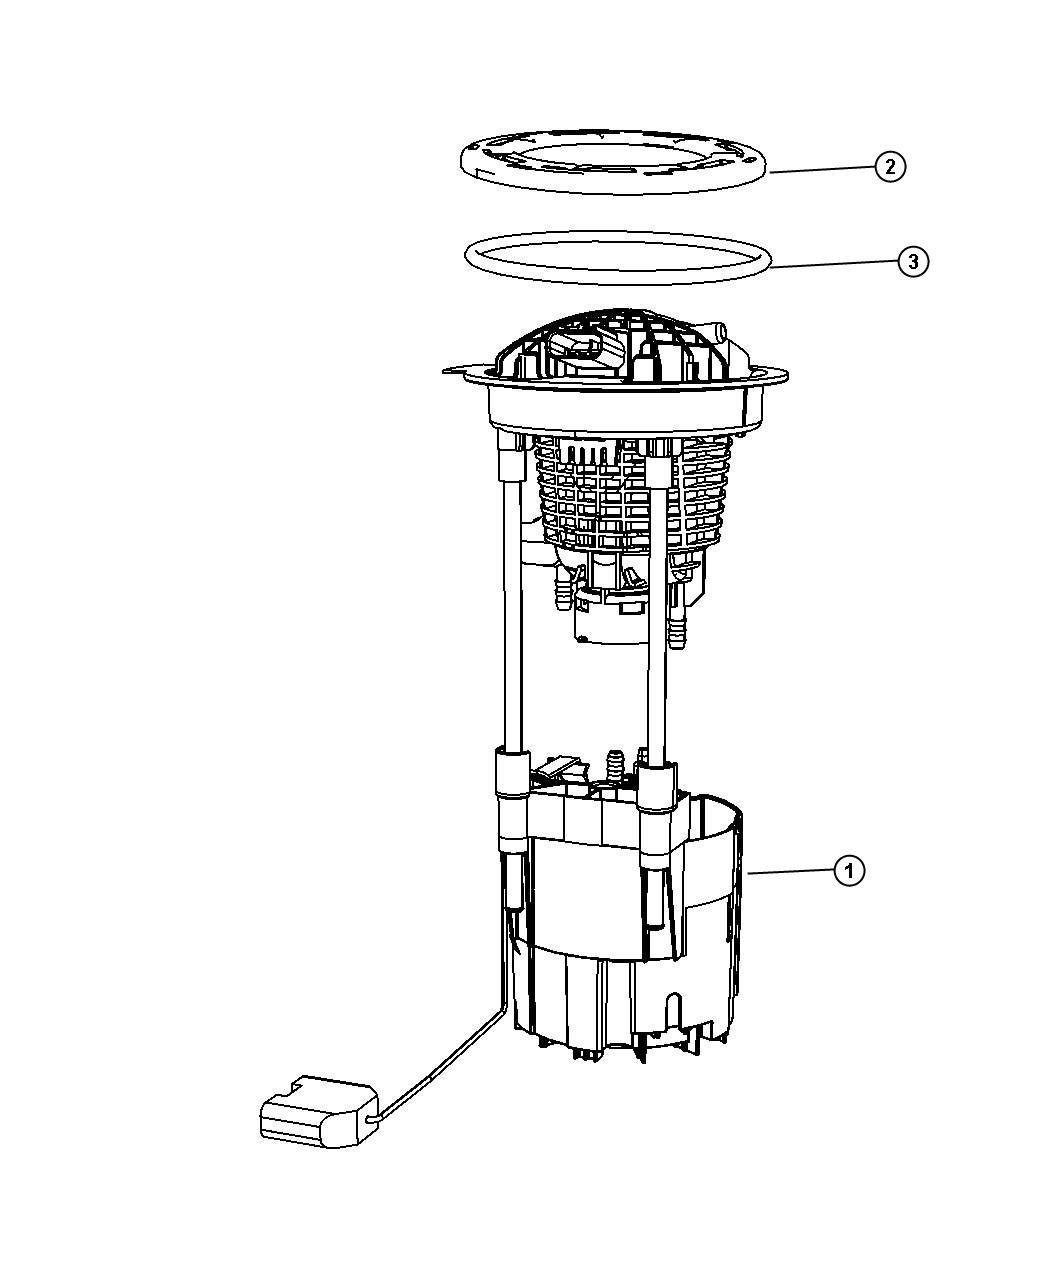 Dodge Ram Module Package Fuel Pump Level Unit